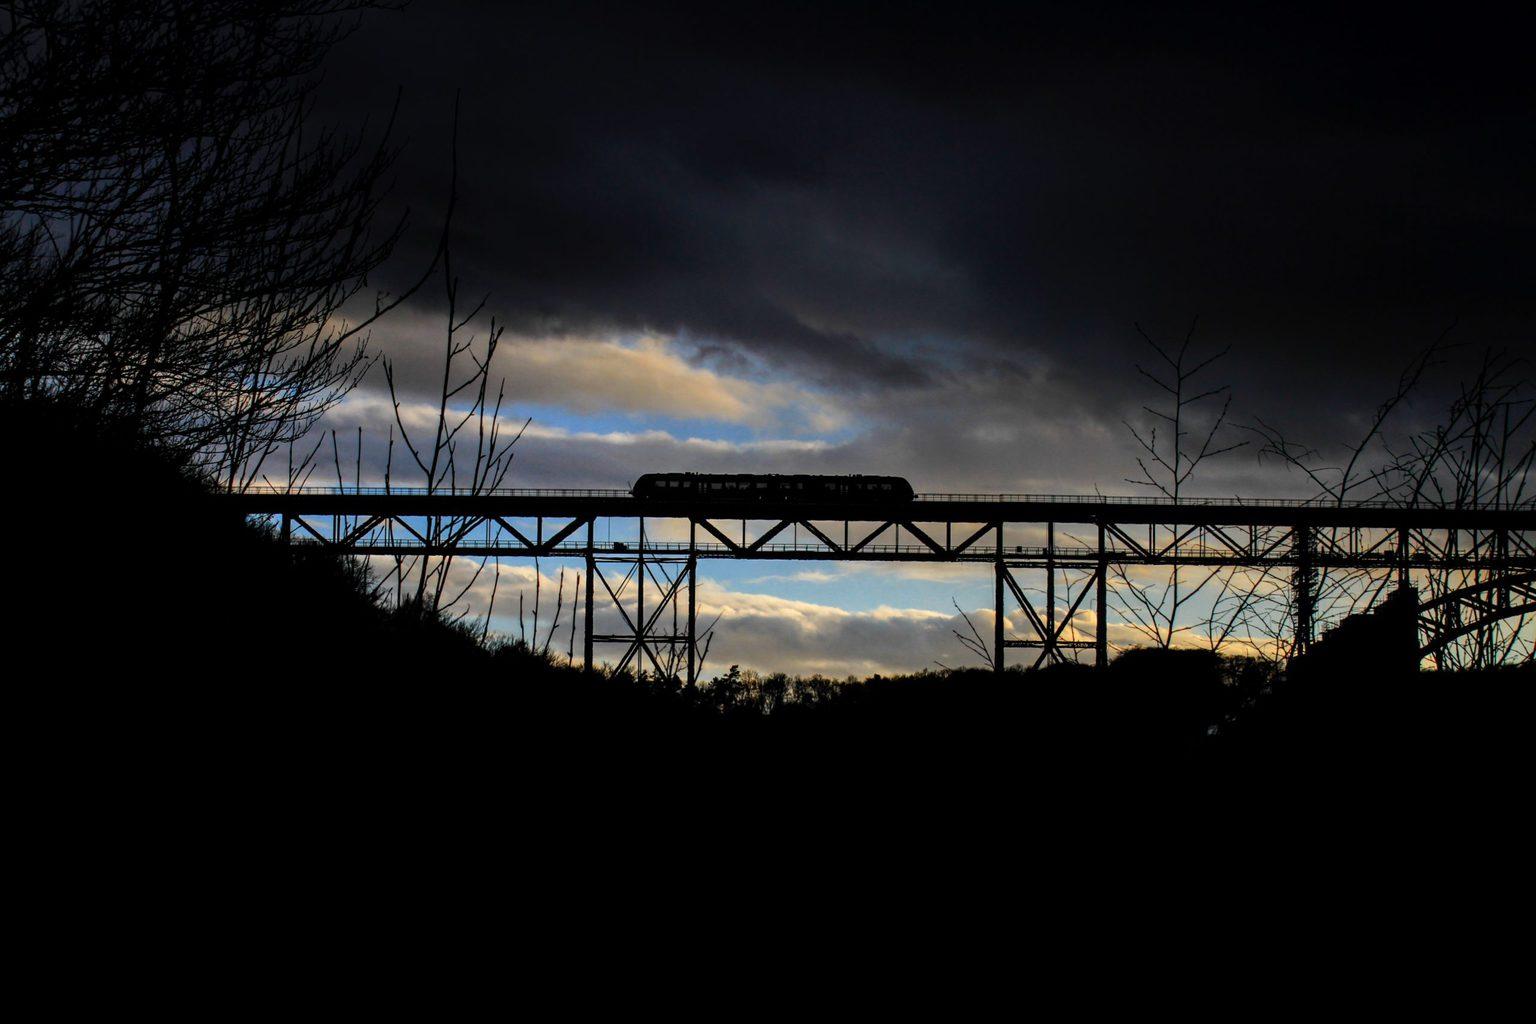 De Müngstener Brücke tussen Wuppertal en Remscheid is hoogste spoorbrug van Duitsland